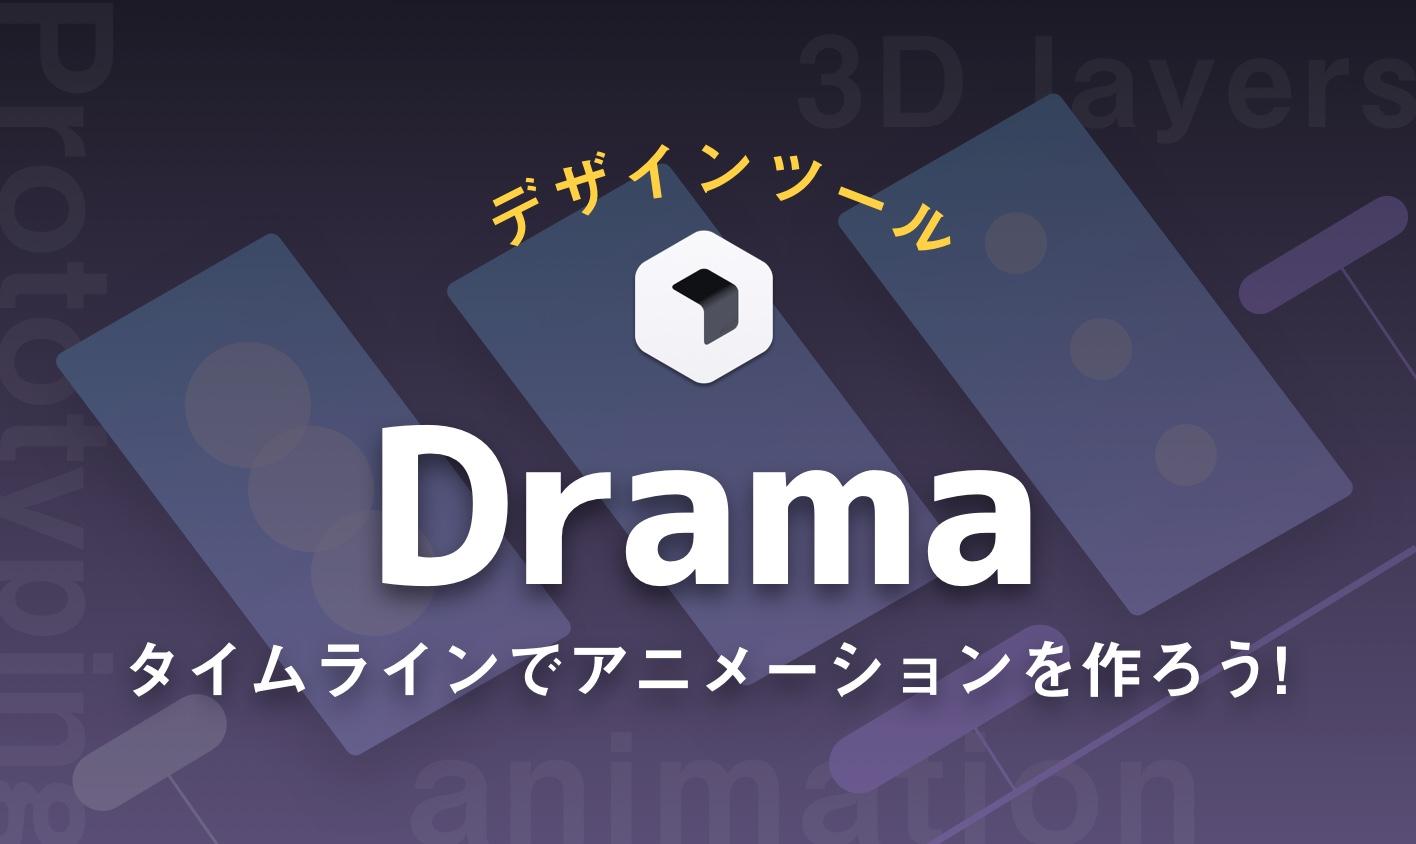 ogp_drama.jpg (144.0 kB)